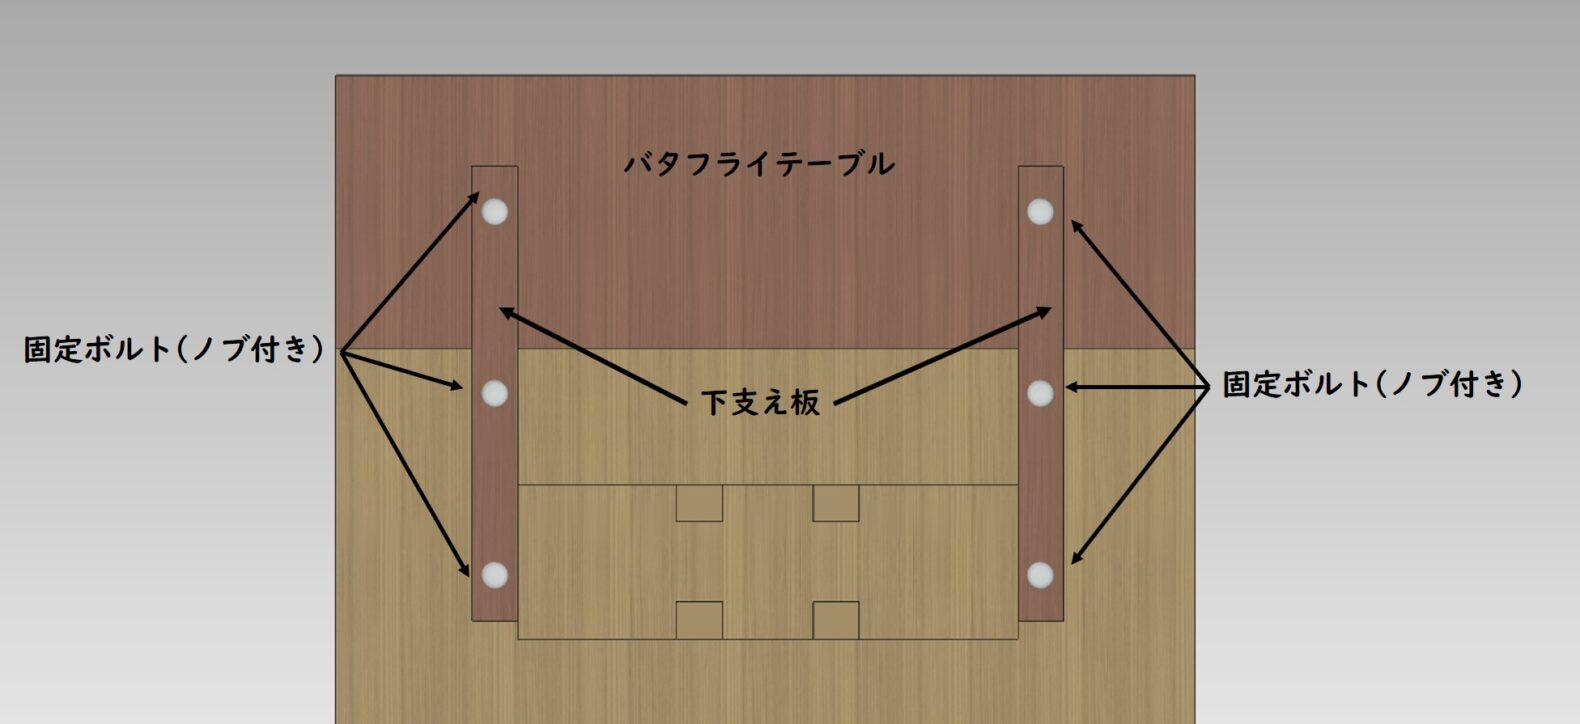 下支えの板で天板を固定